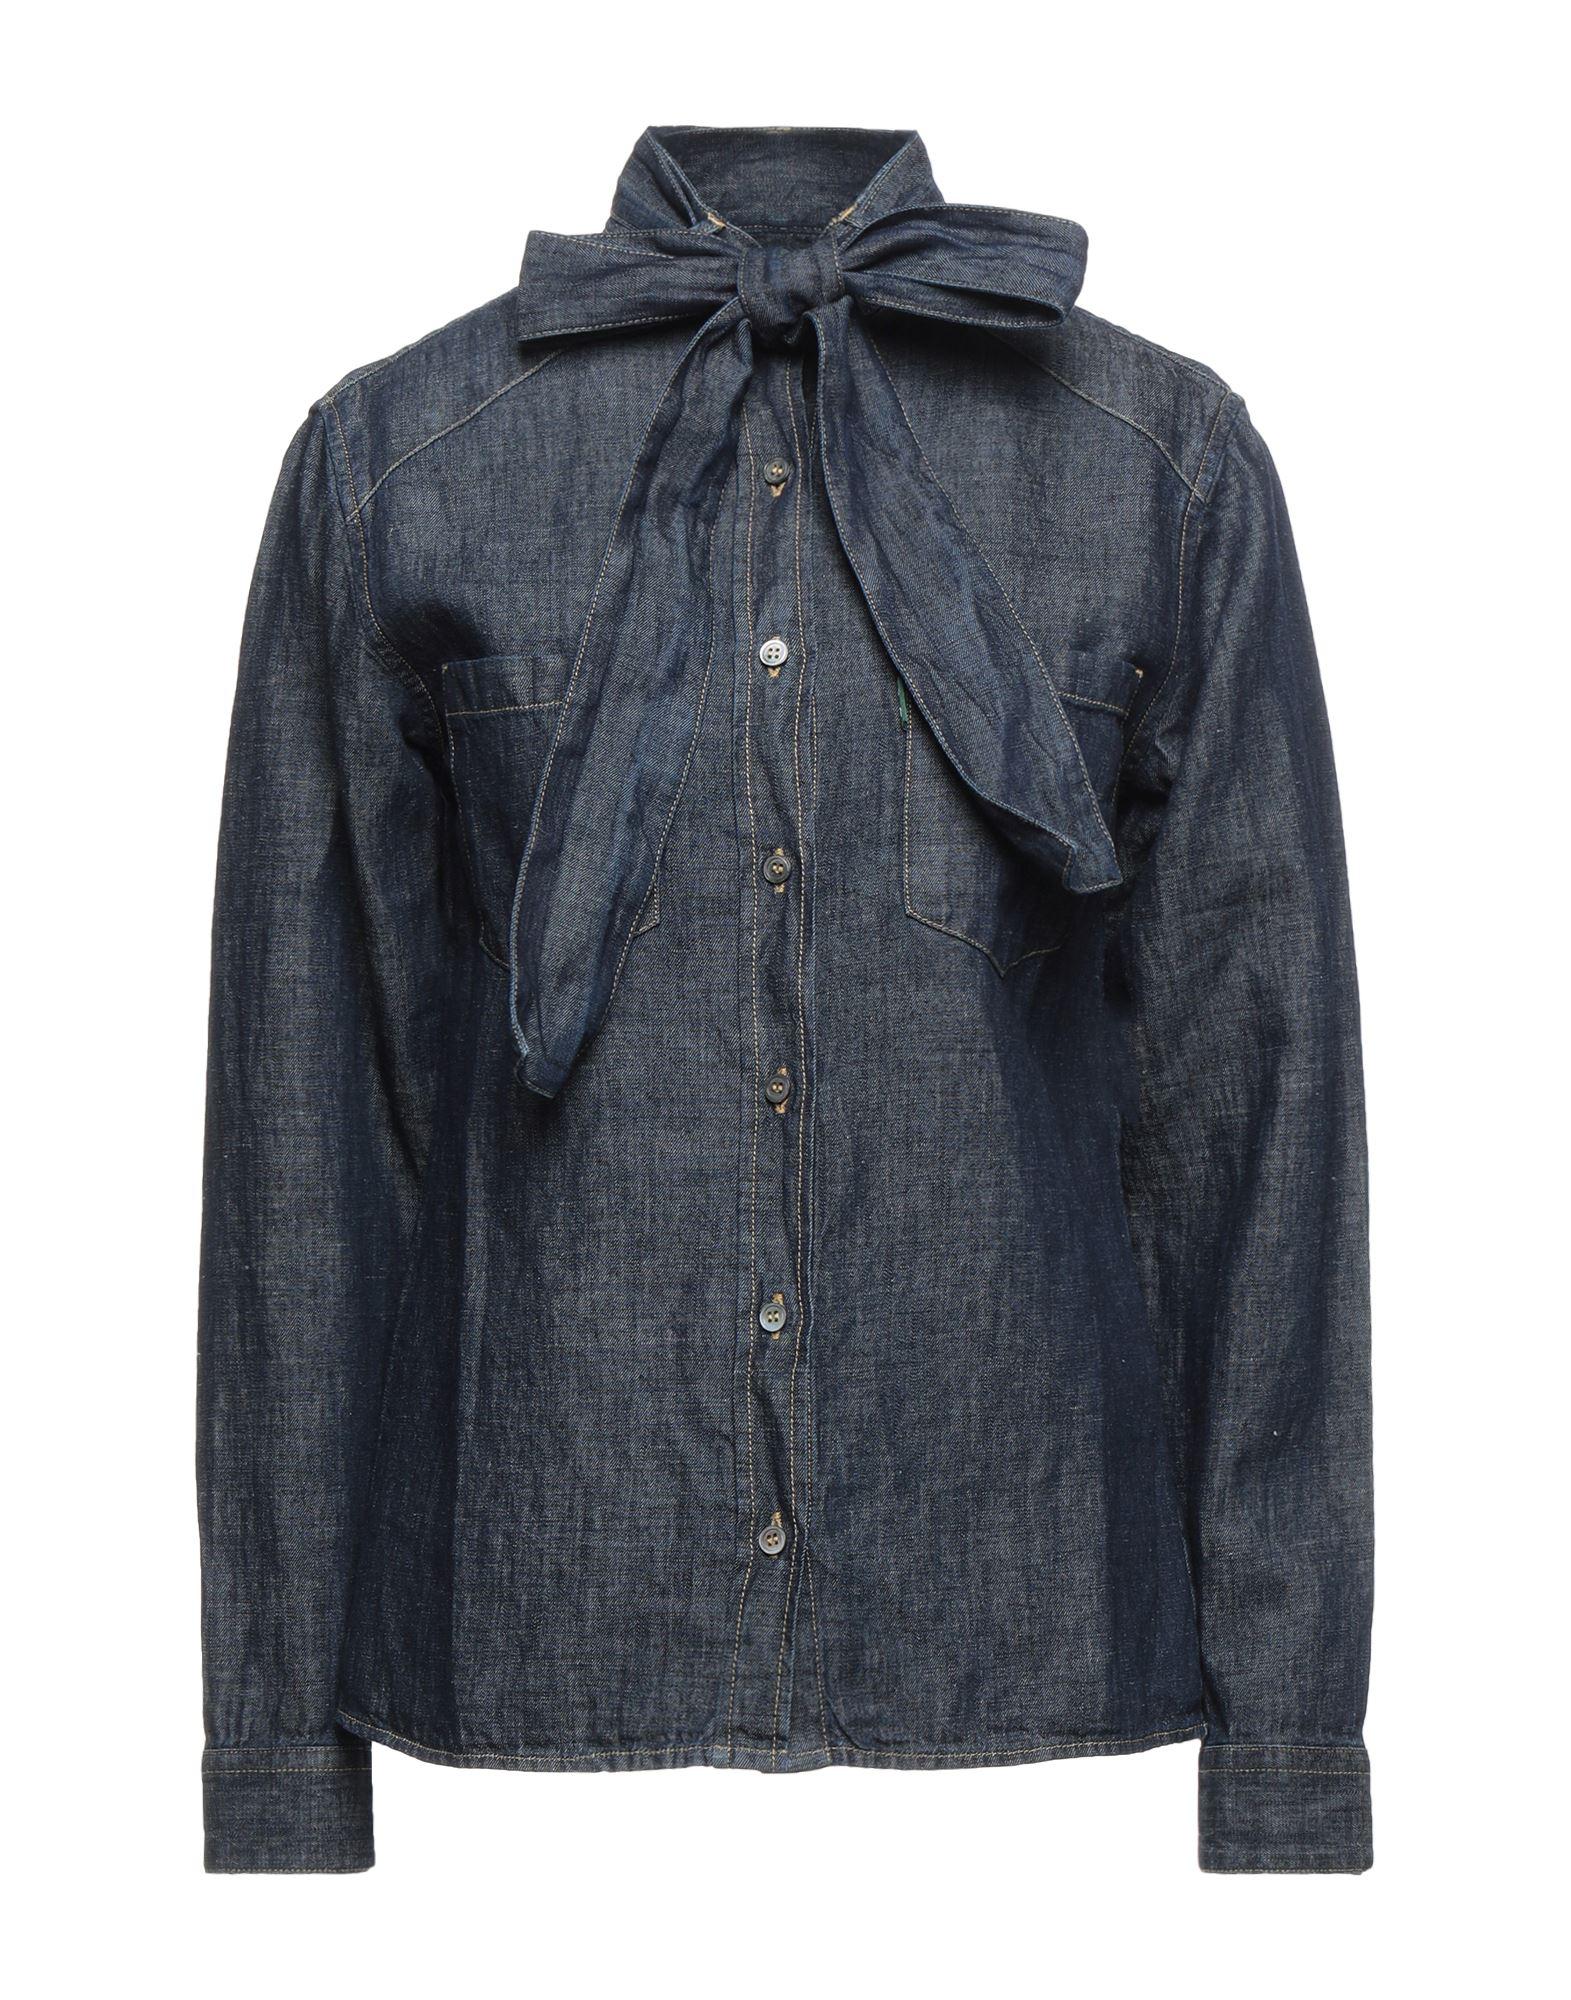 Фото - DEPARTMENT 5 Джинсовая рубашка department 5 джинсовая юбка